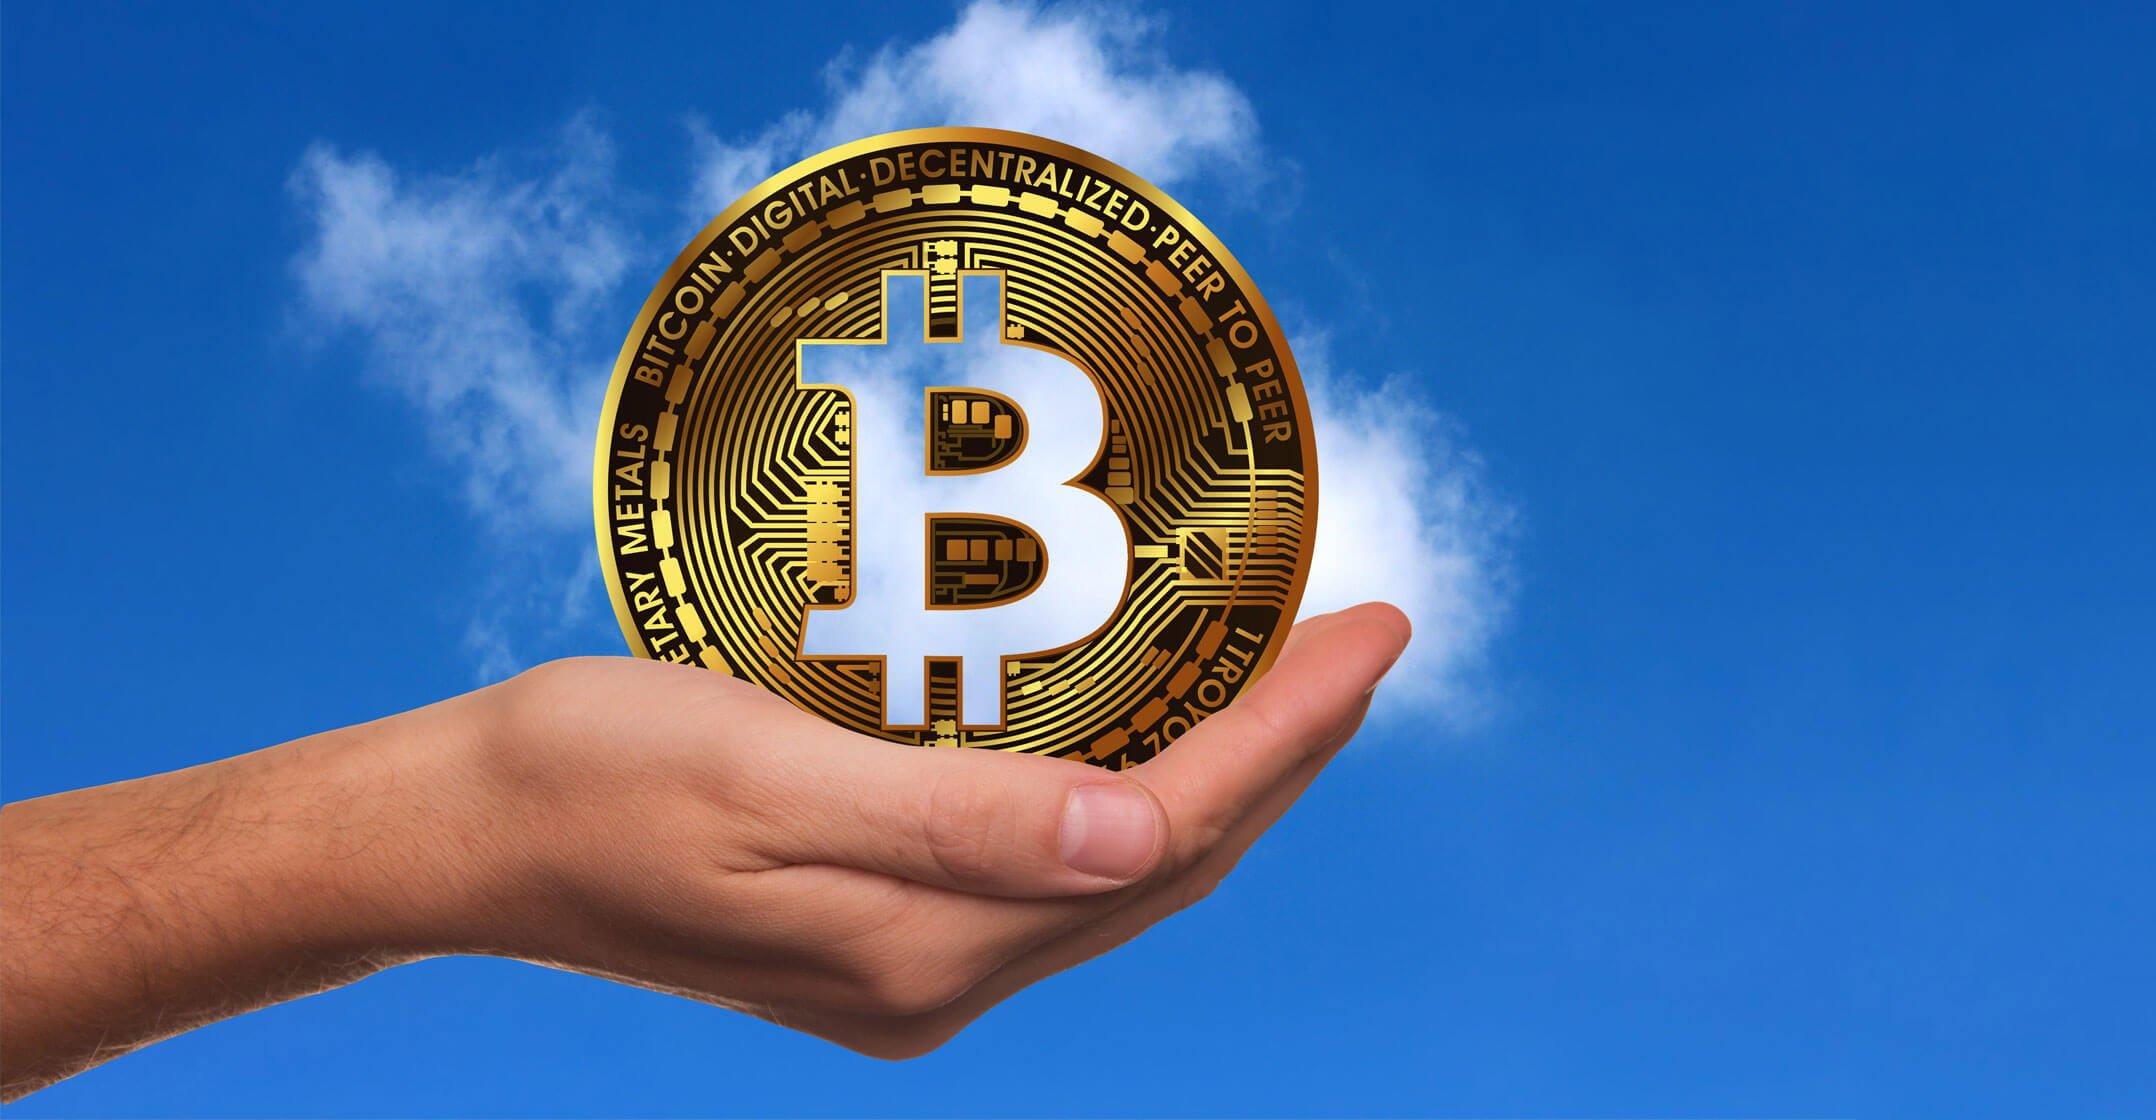 Bitcoin Almadan Önce Bilinmesi Gerekenler? 1 - Denetim ve Vergiler